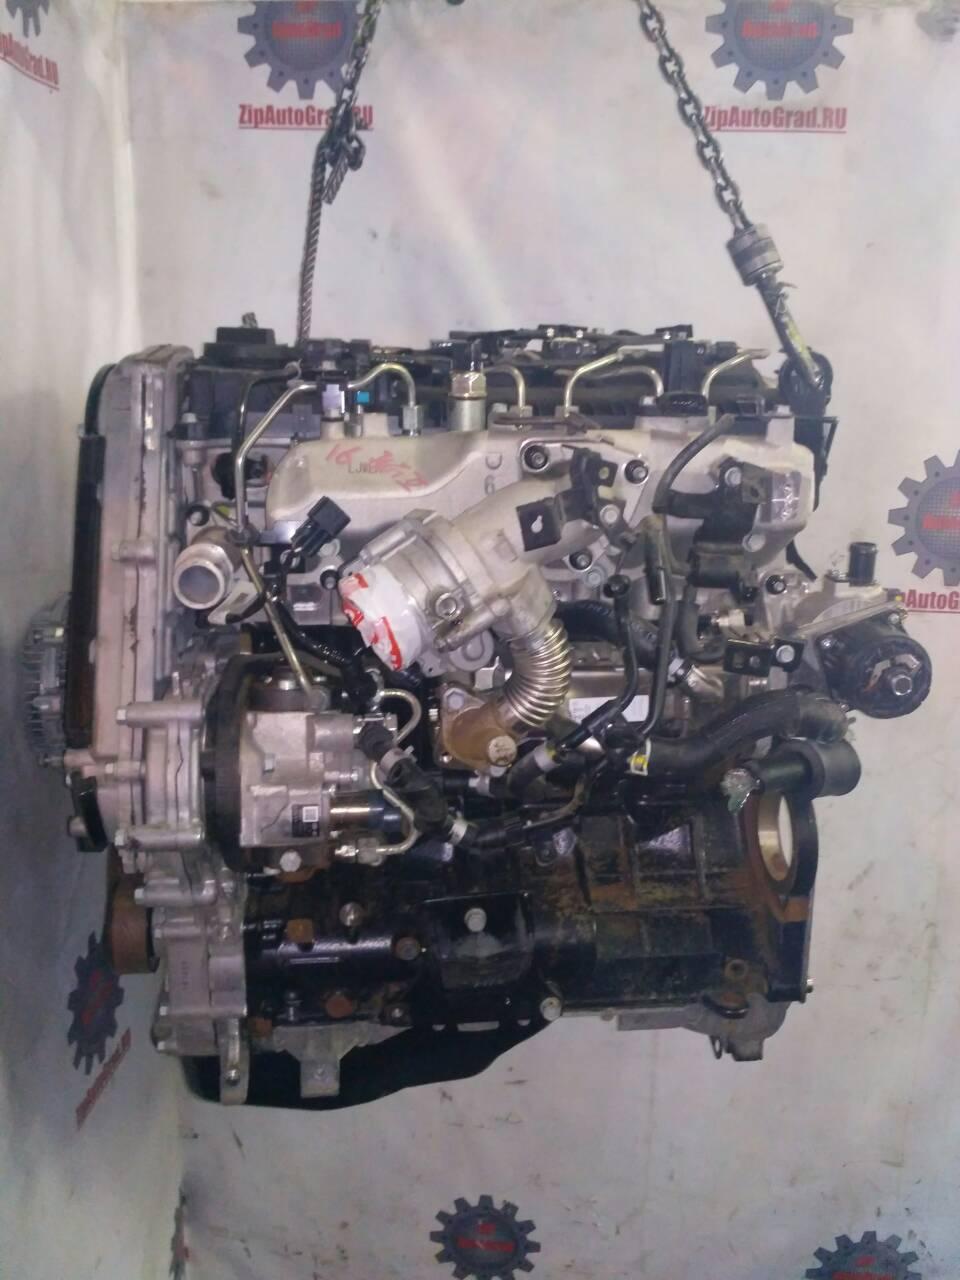 Двигатель Hyundai Porter. Кузов: 2. D4CB. , 2.5л.Дата выпуска: 2016.  фото 4